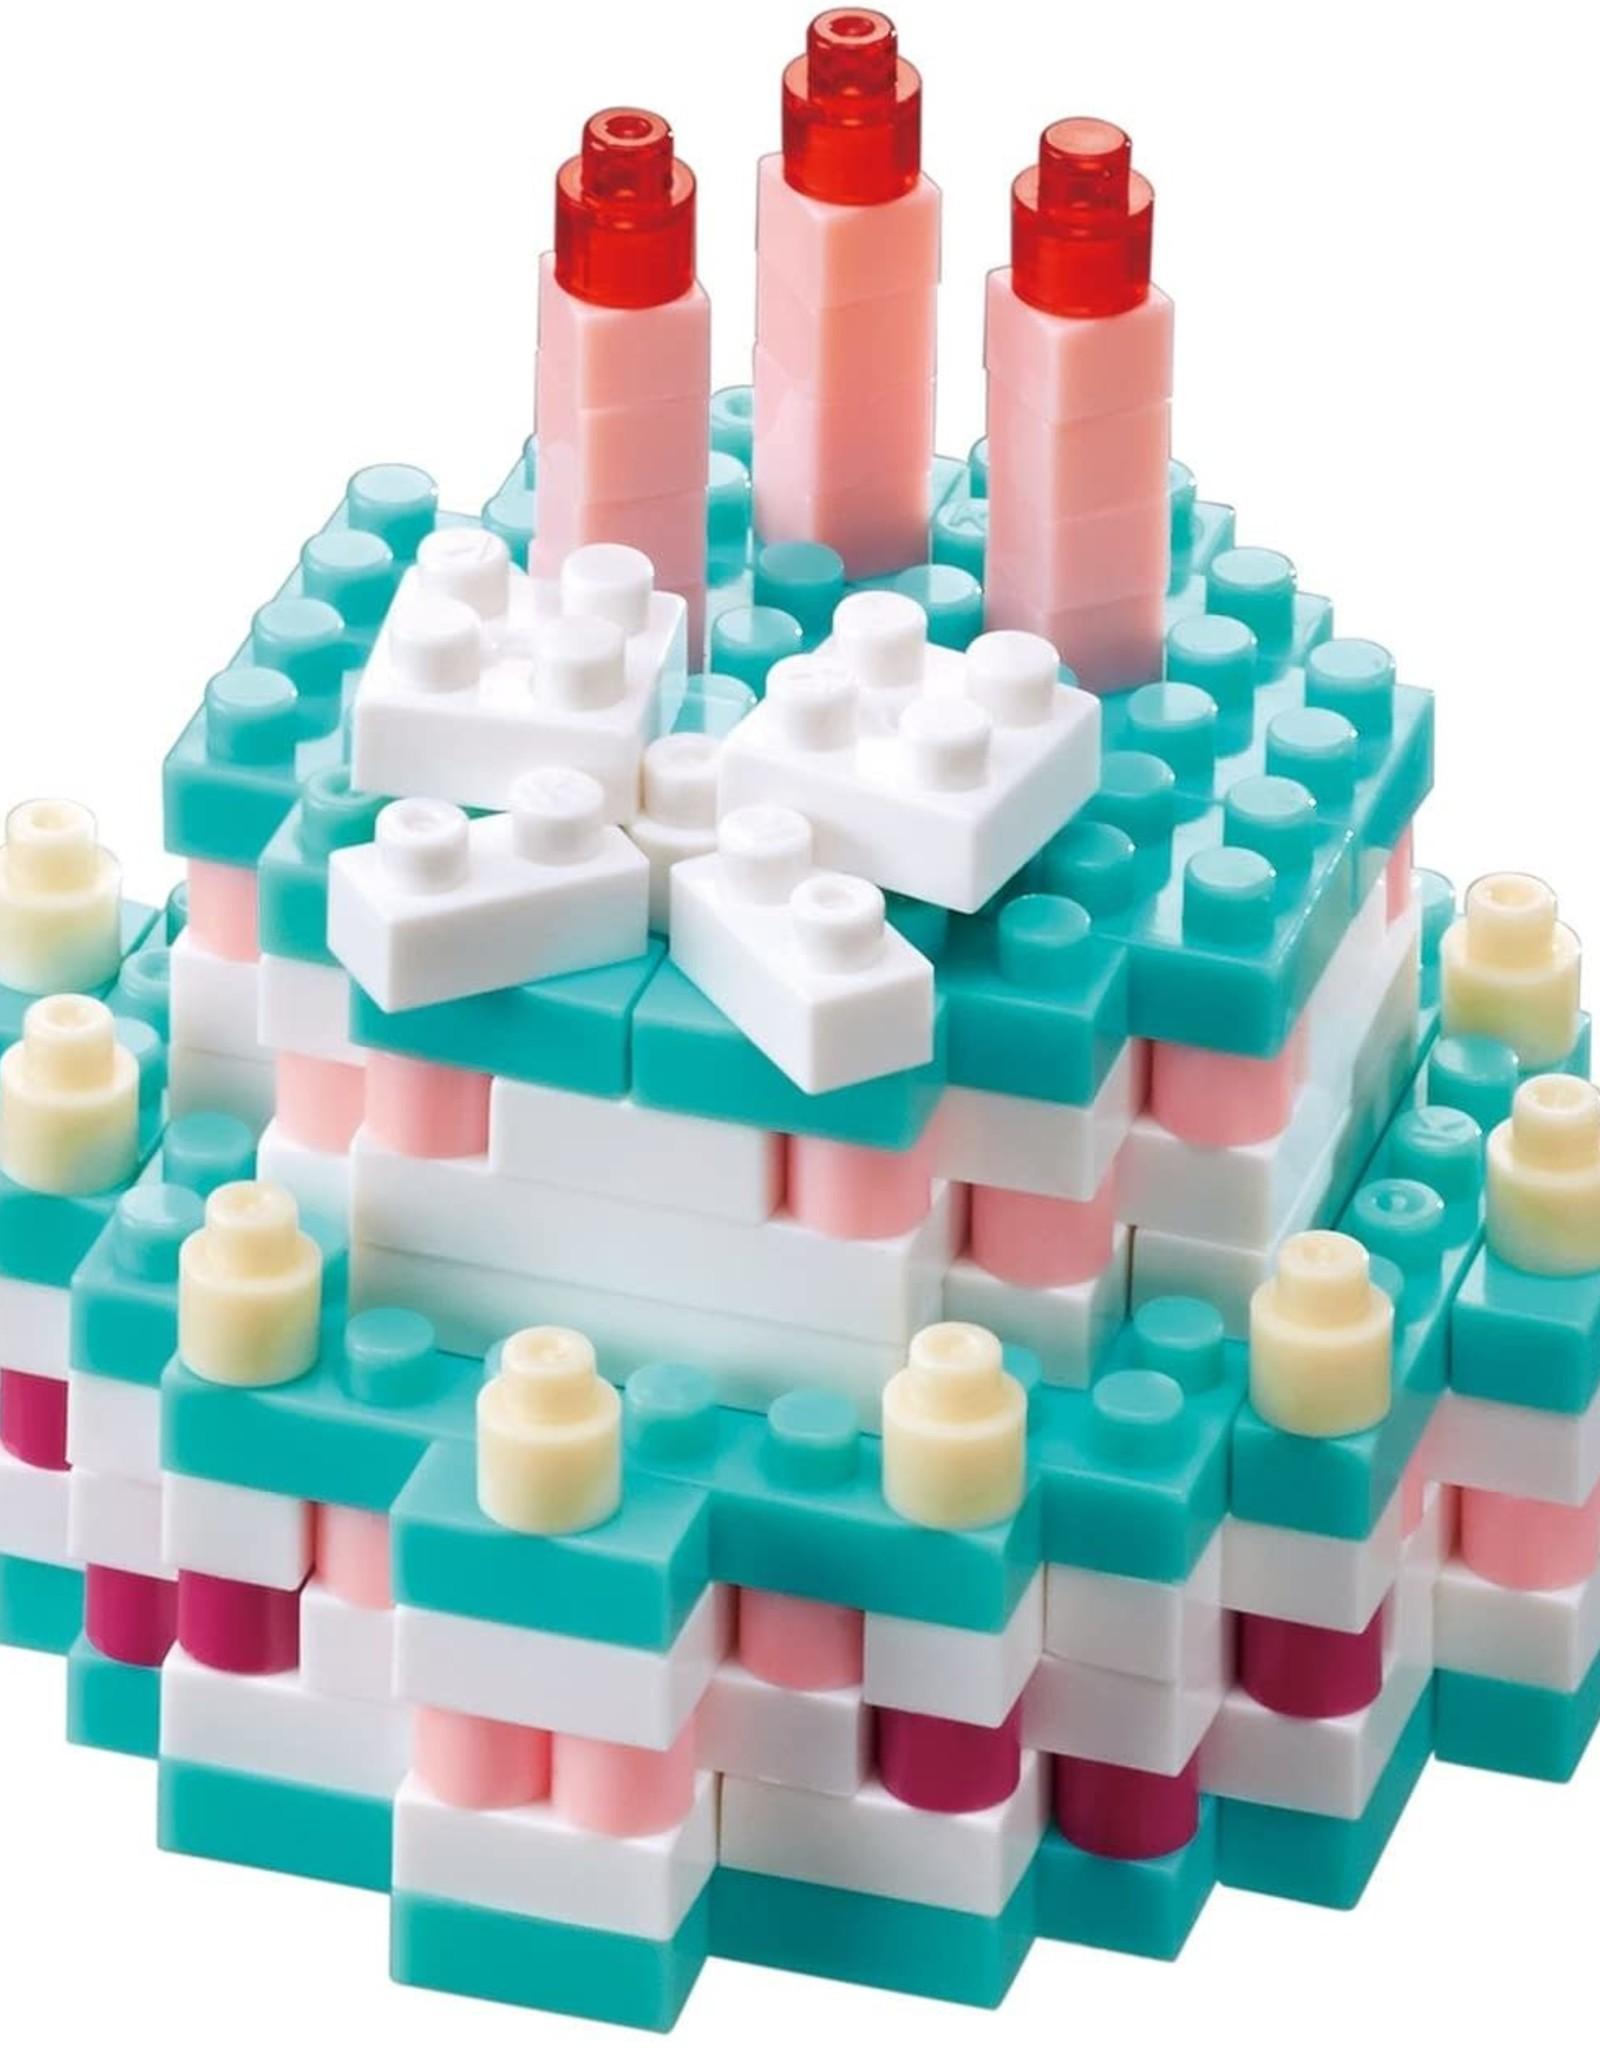 Schylling Nanoblock Birthday Cake